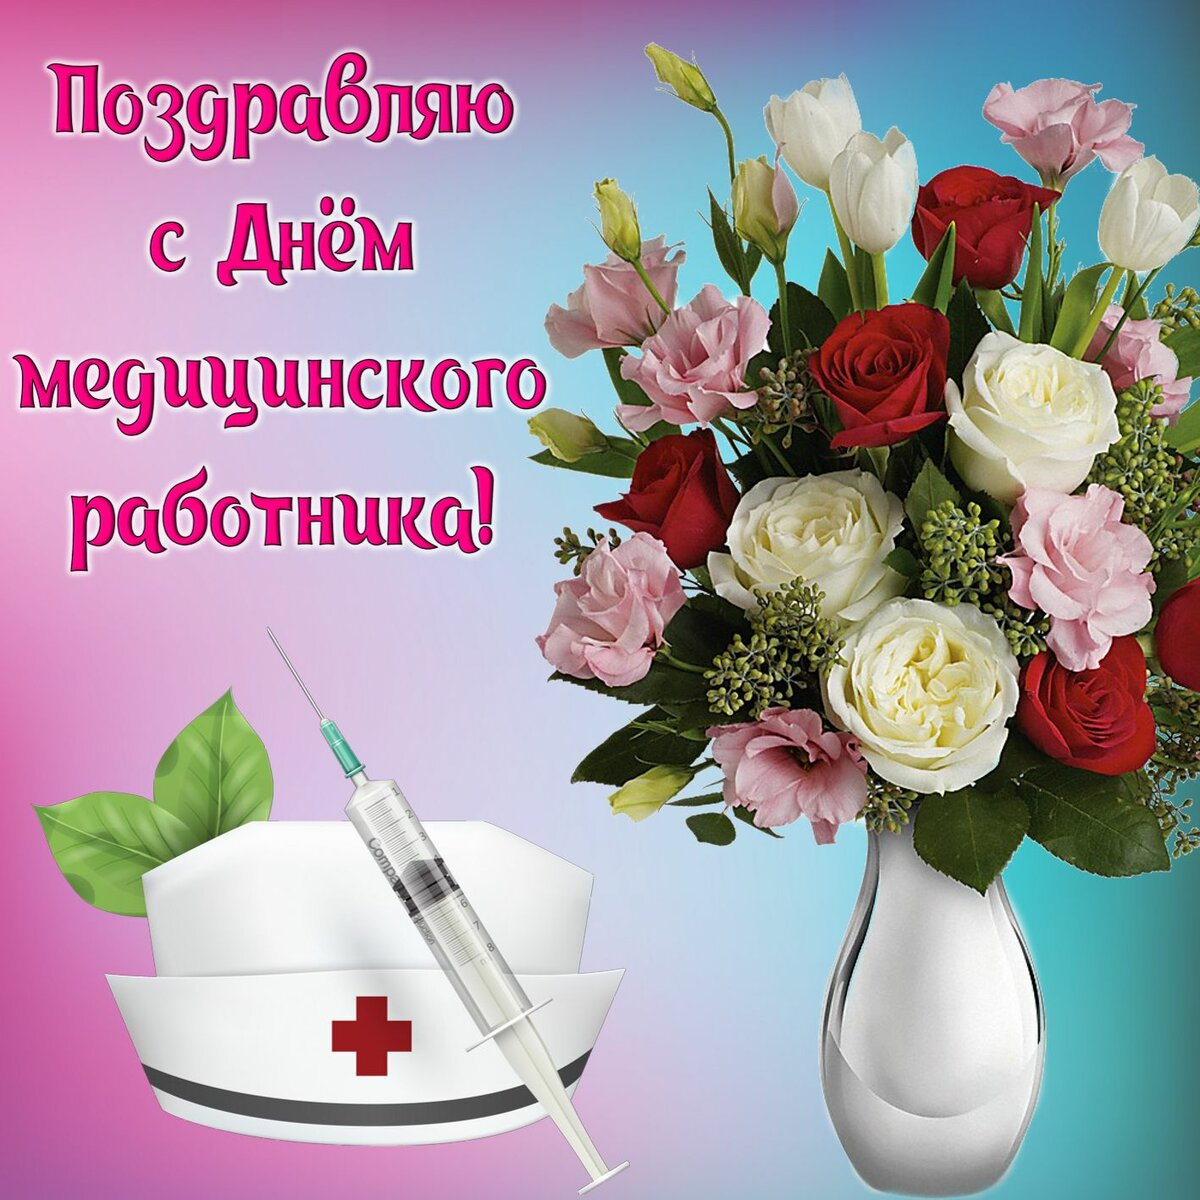 Картинки поздравление к дню медицинского работника, почтовых открыток юла